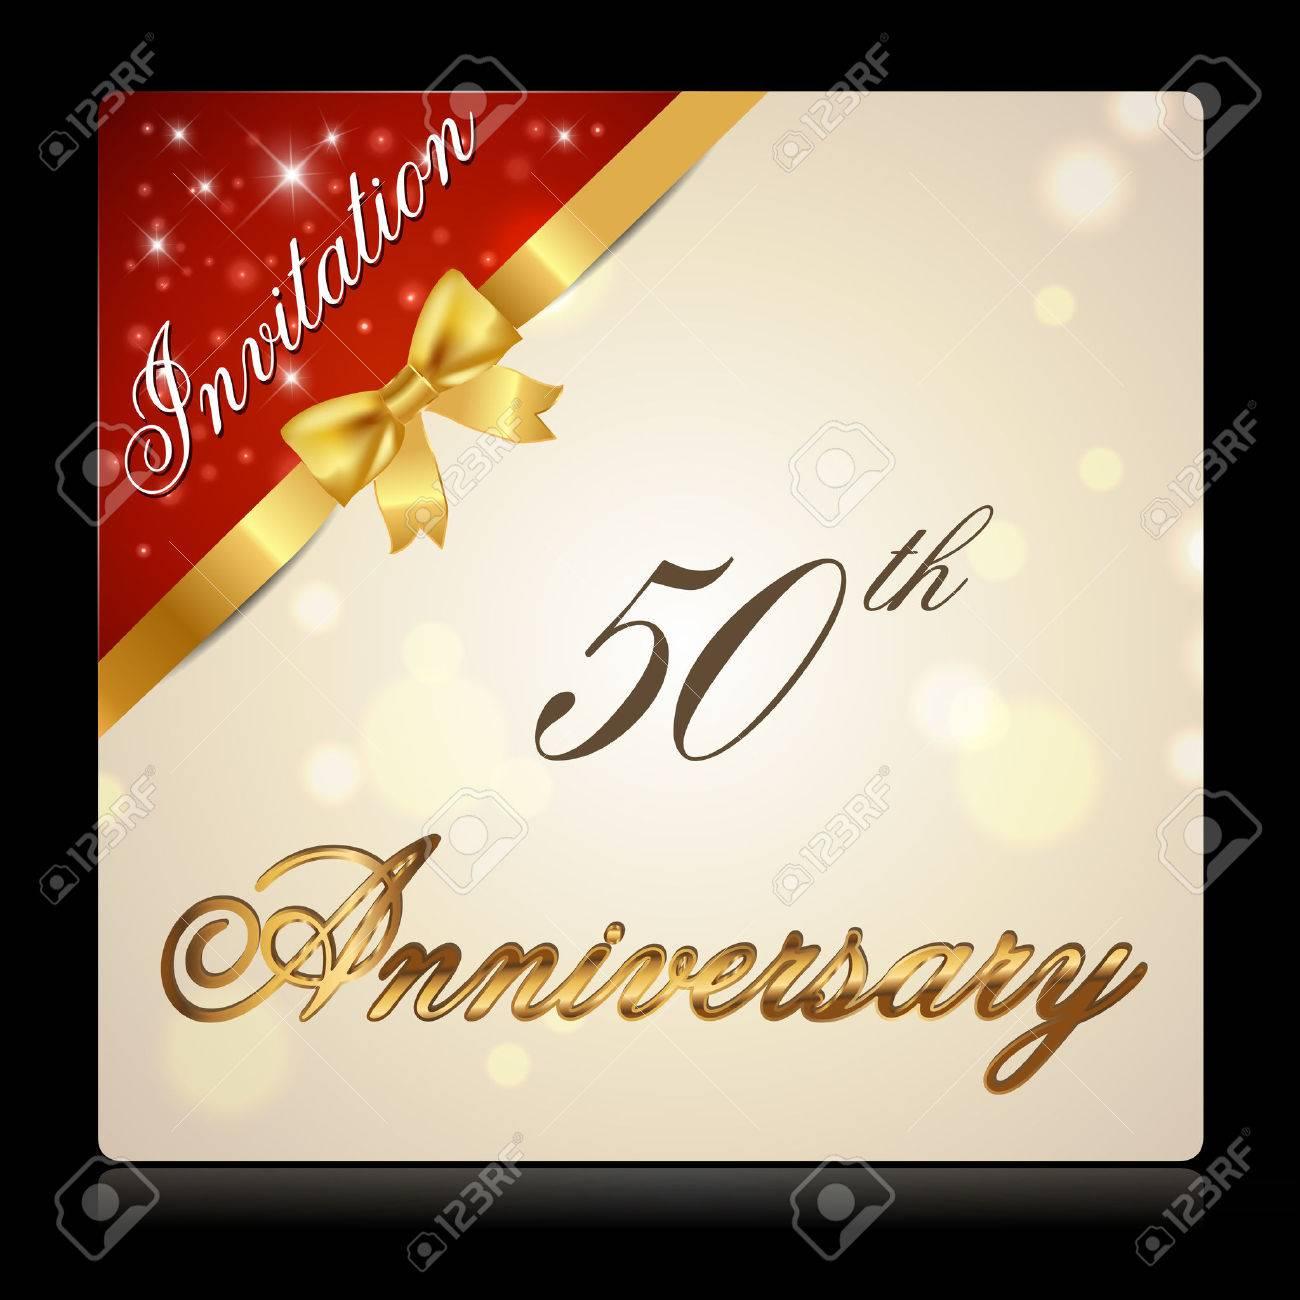 Cinta De 50 Años La Celebración Del Aniversario De Oro Tarjeta Decorativo Invitación Vector Eps10